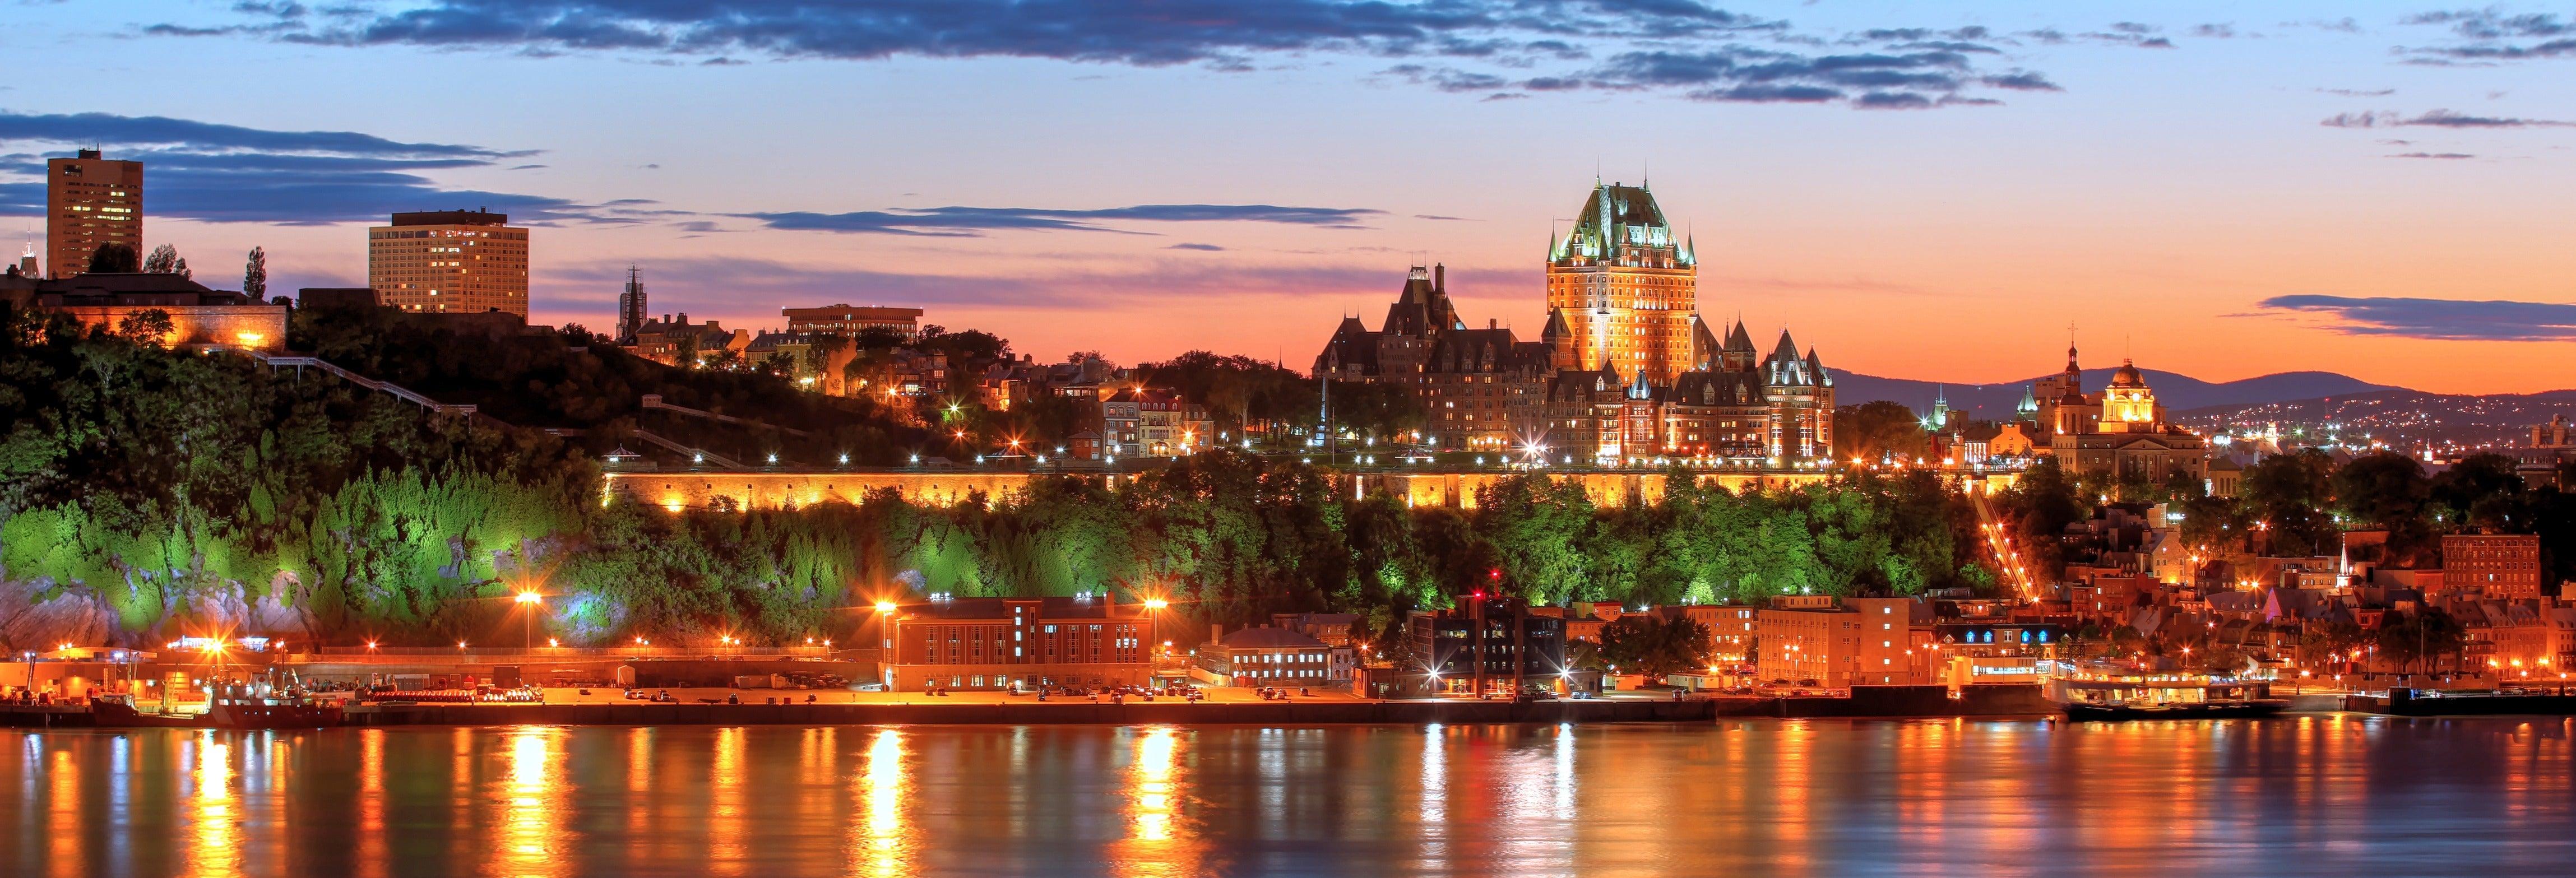 Balade en bateau au coucher de soleil à Québec